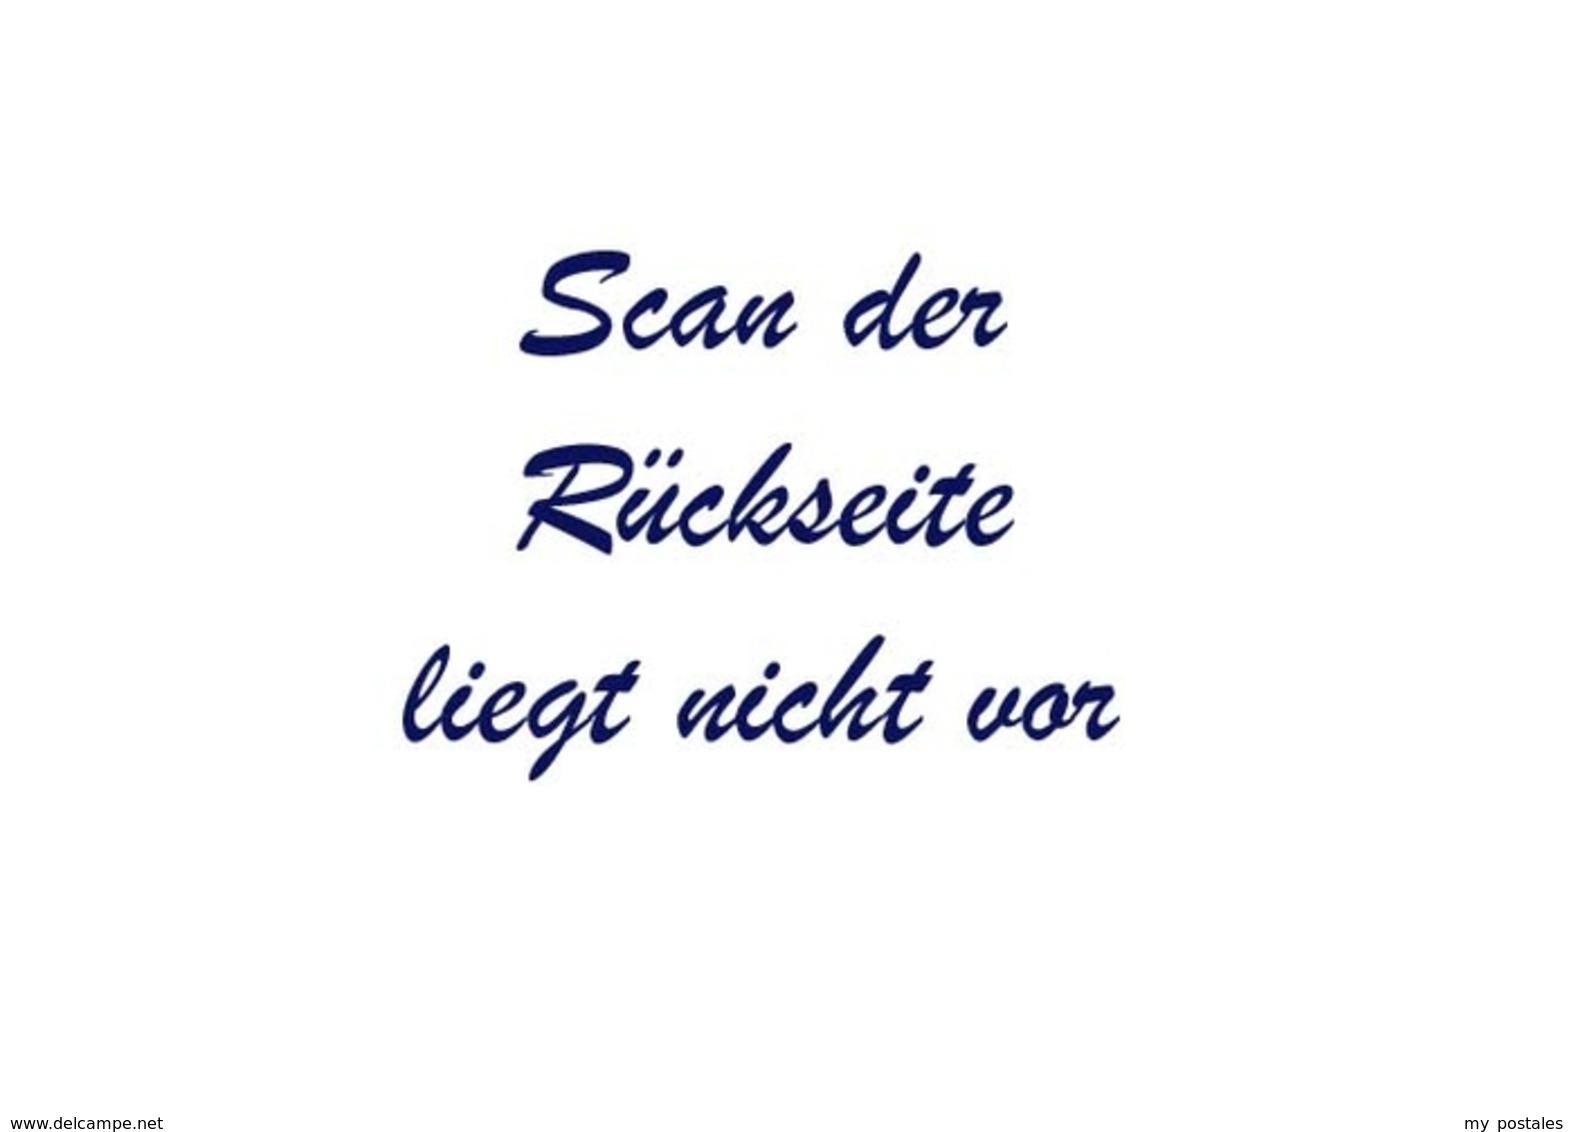 60518946 Wasungen Wasungen Werra Bruecke Burg Maienluft Ungelaufen Ca. 1910 / Wa - Wasungen